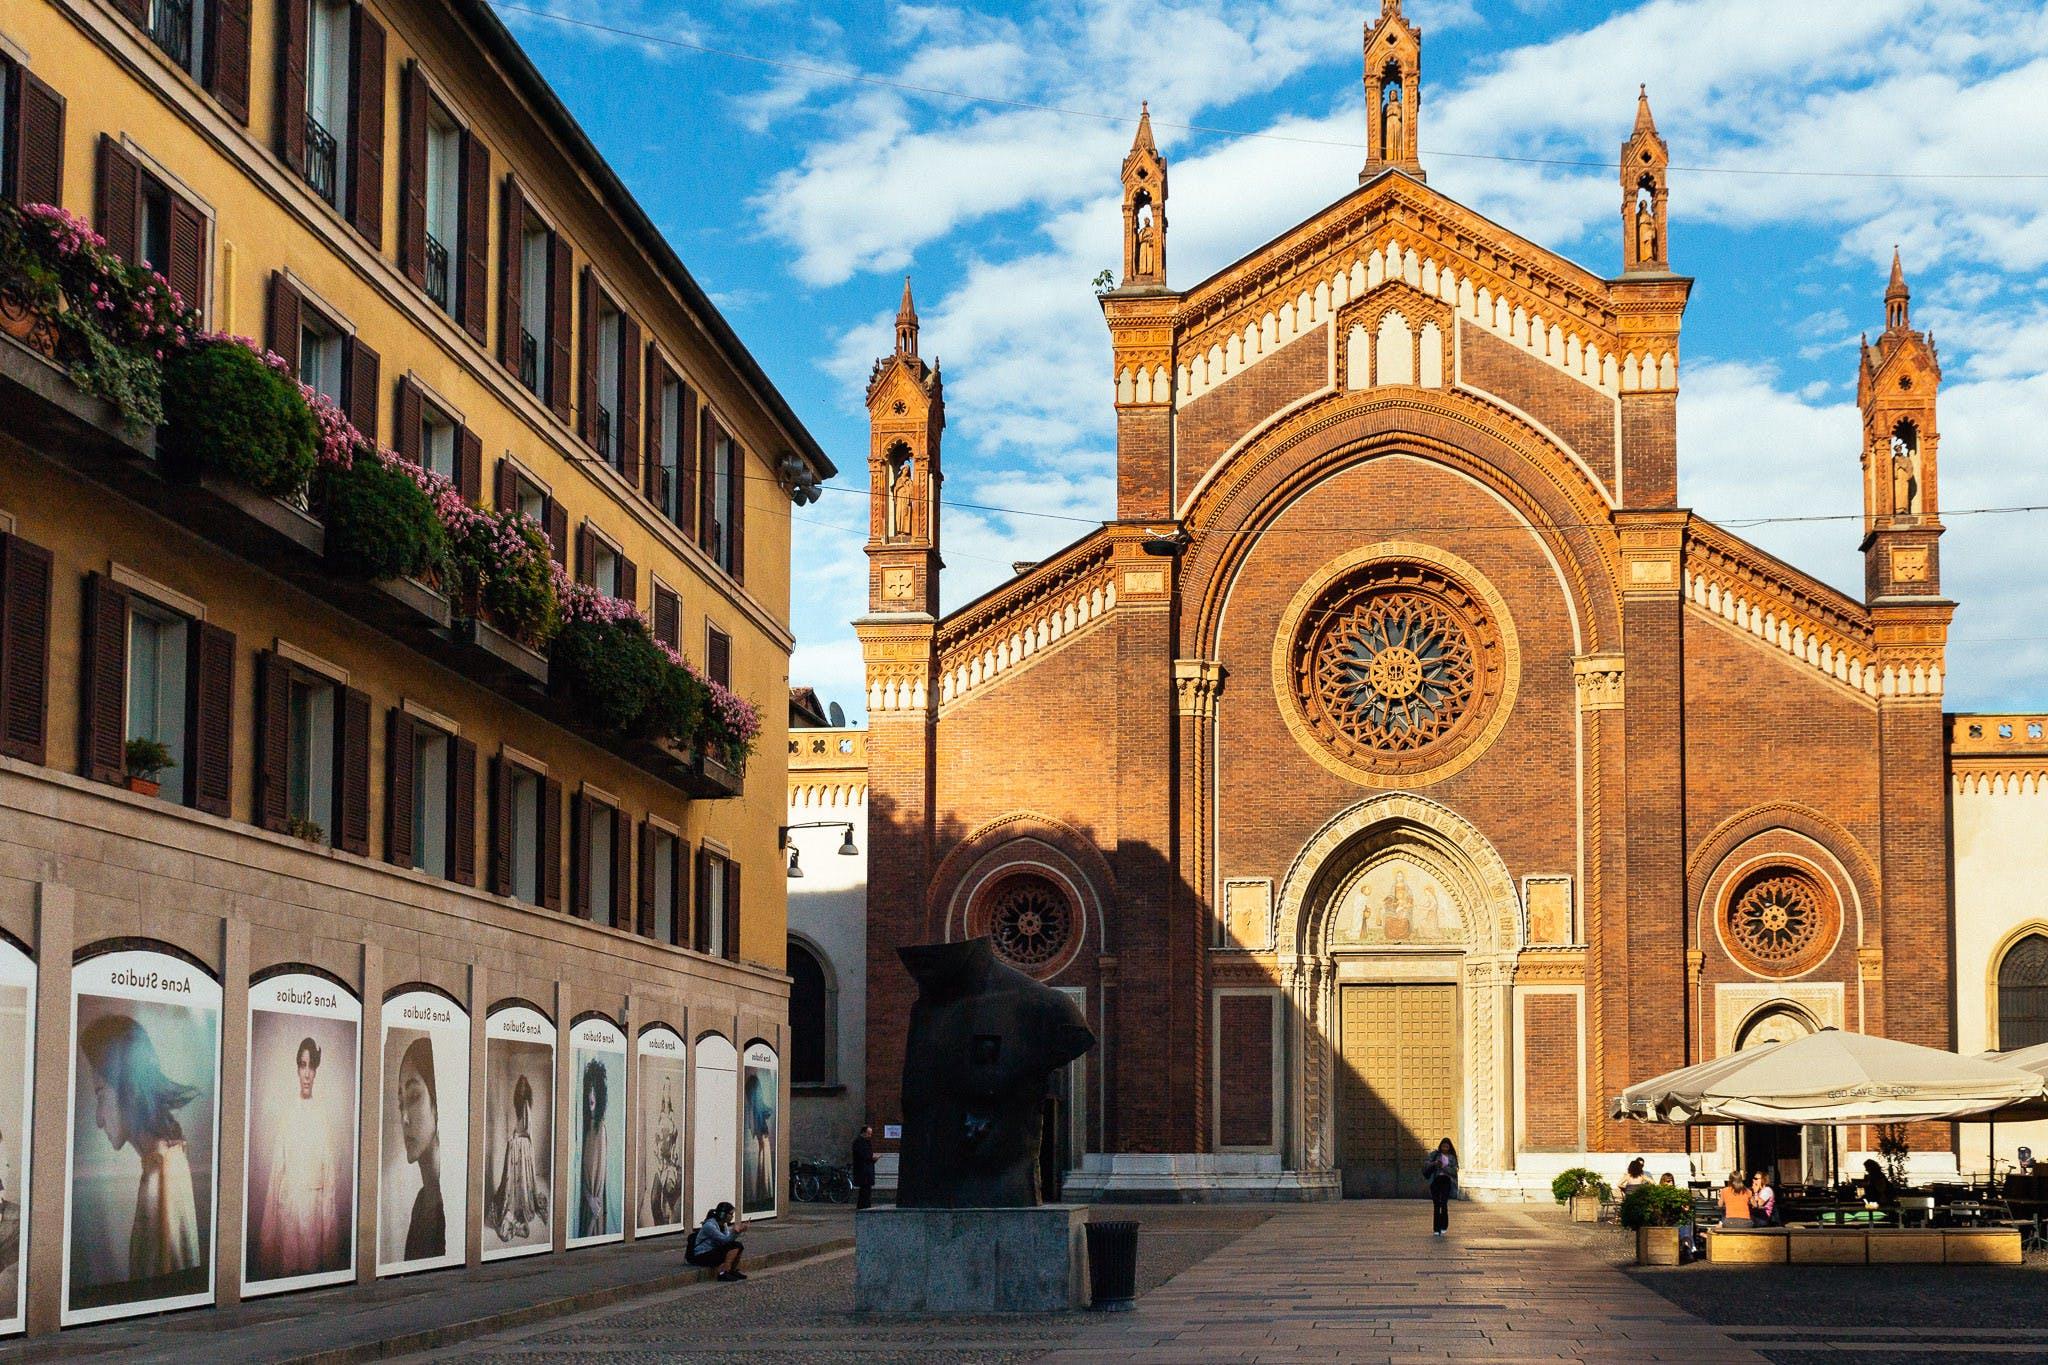 Lo mejor de Milán viaje: reflejos y gemas escondidas-4